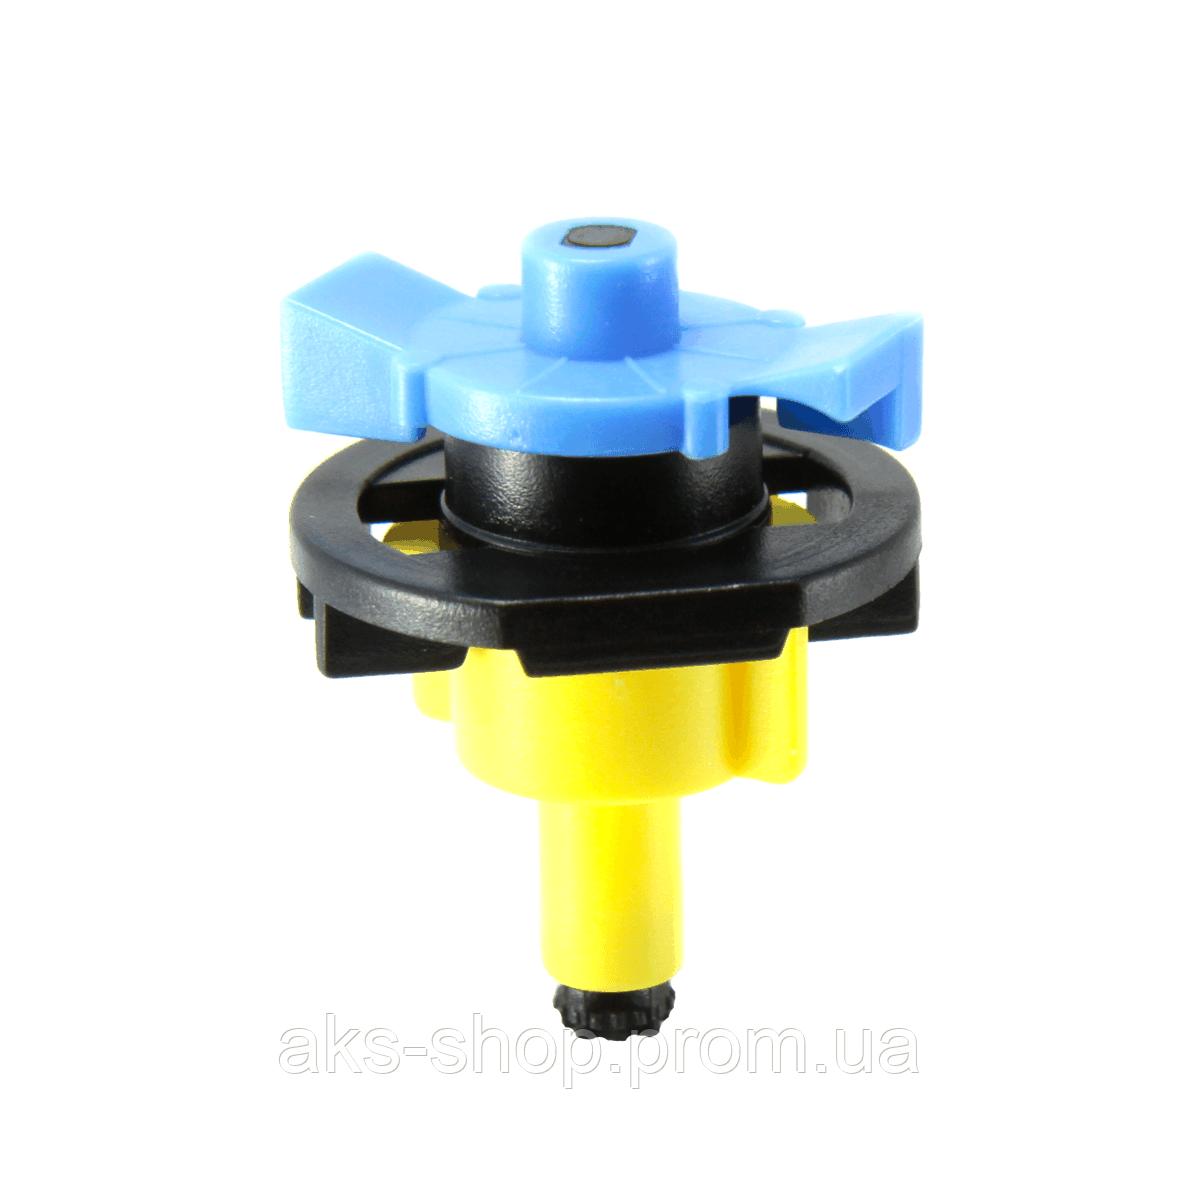 Крапельниця для поливу Presto-PS микроджет Колібрі, в упаковці - 10 шт. (MS-8060)